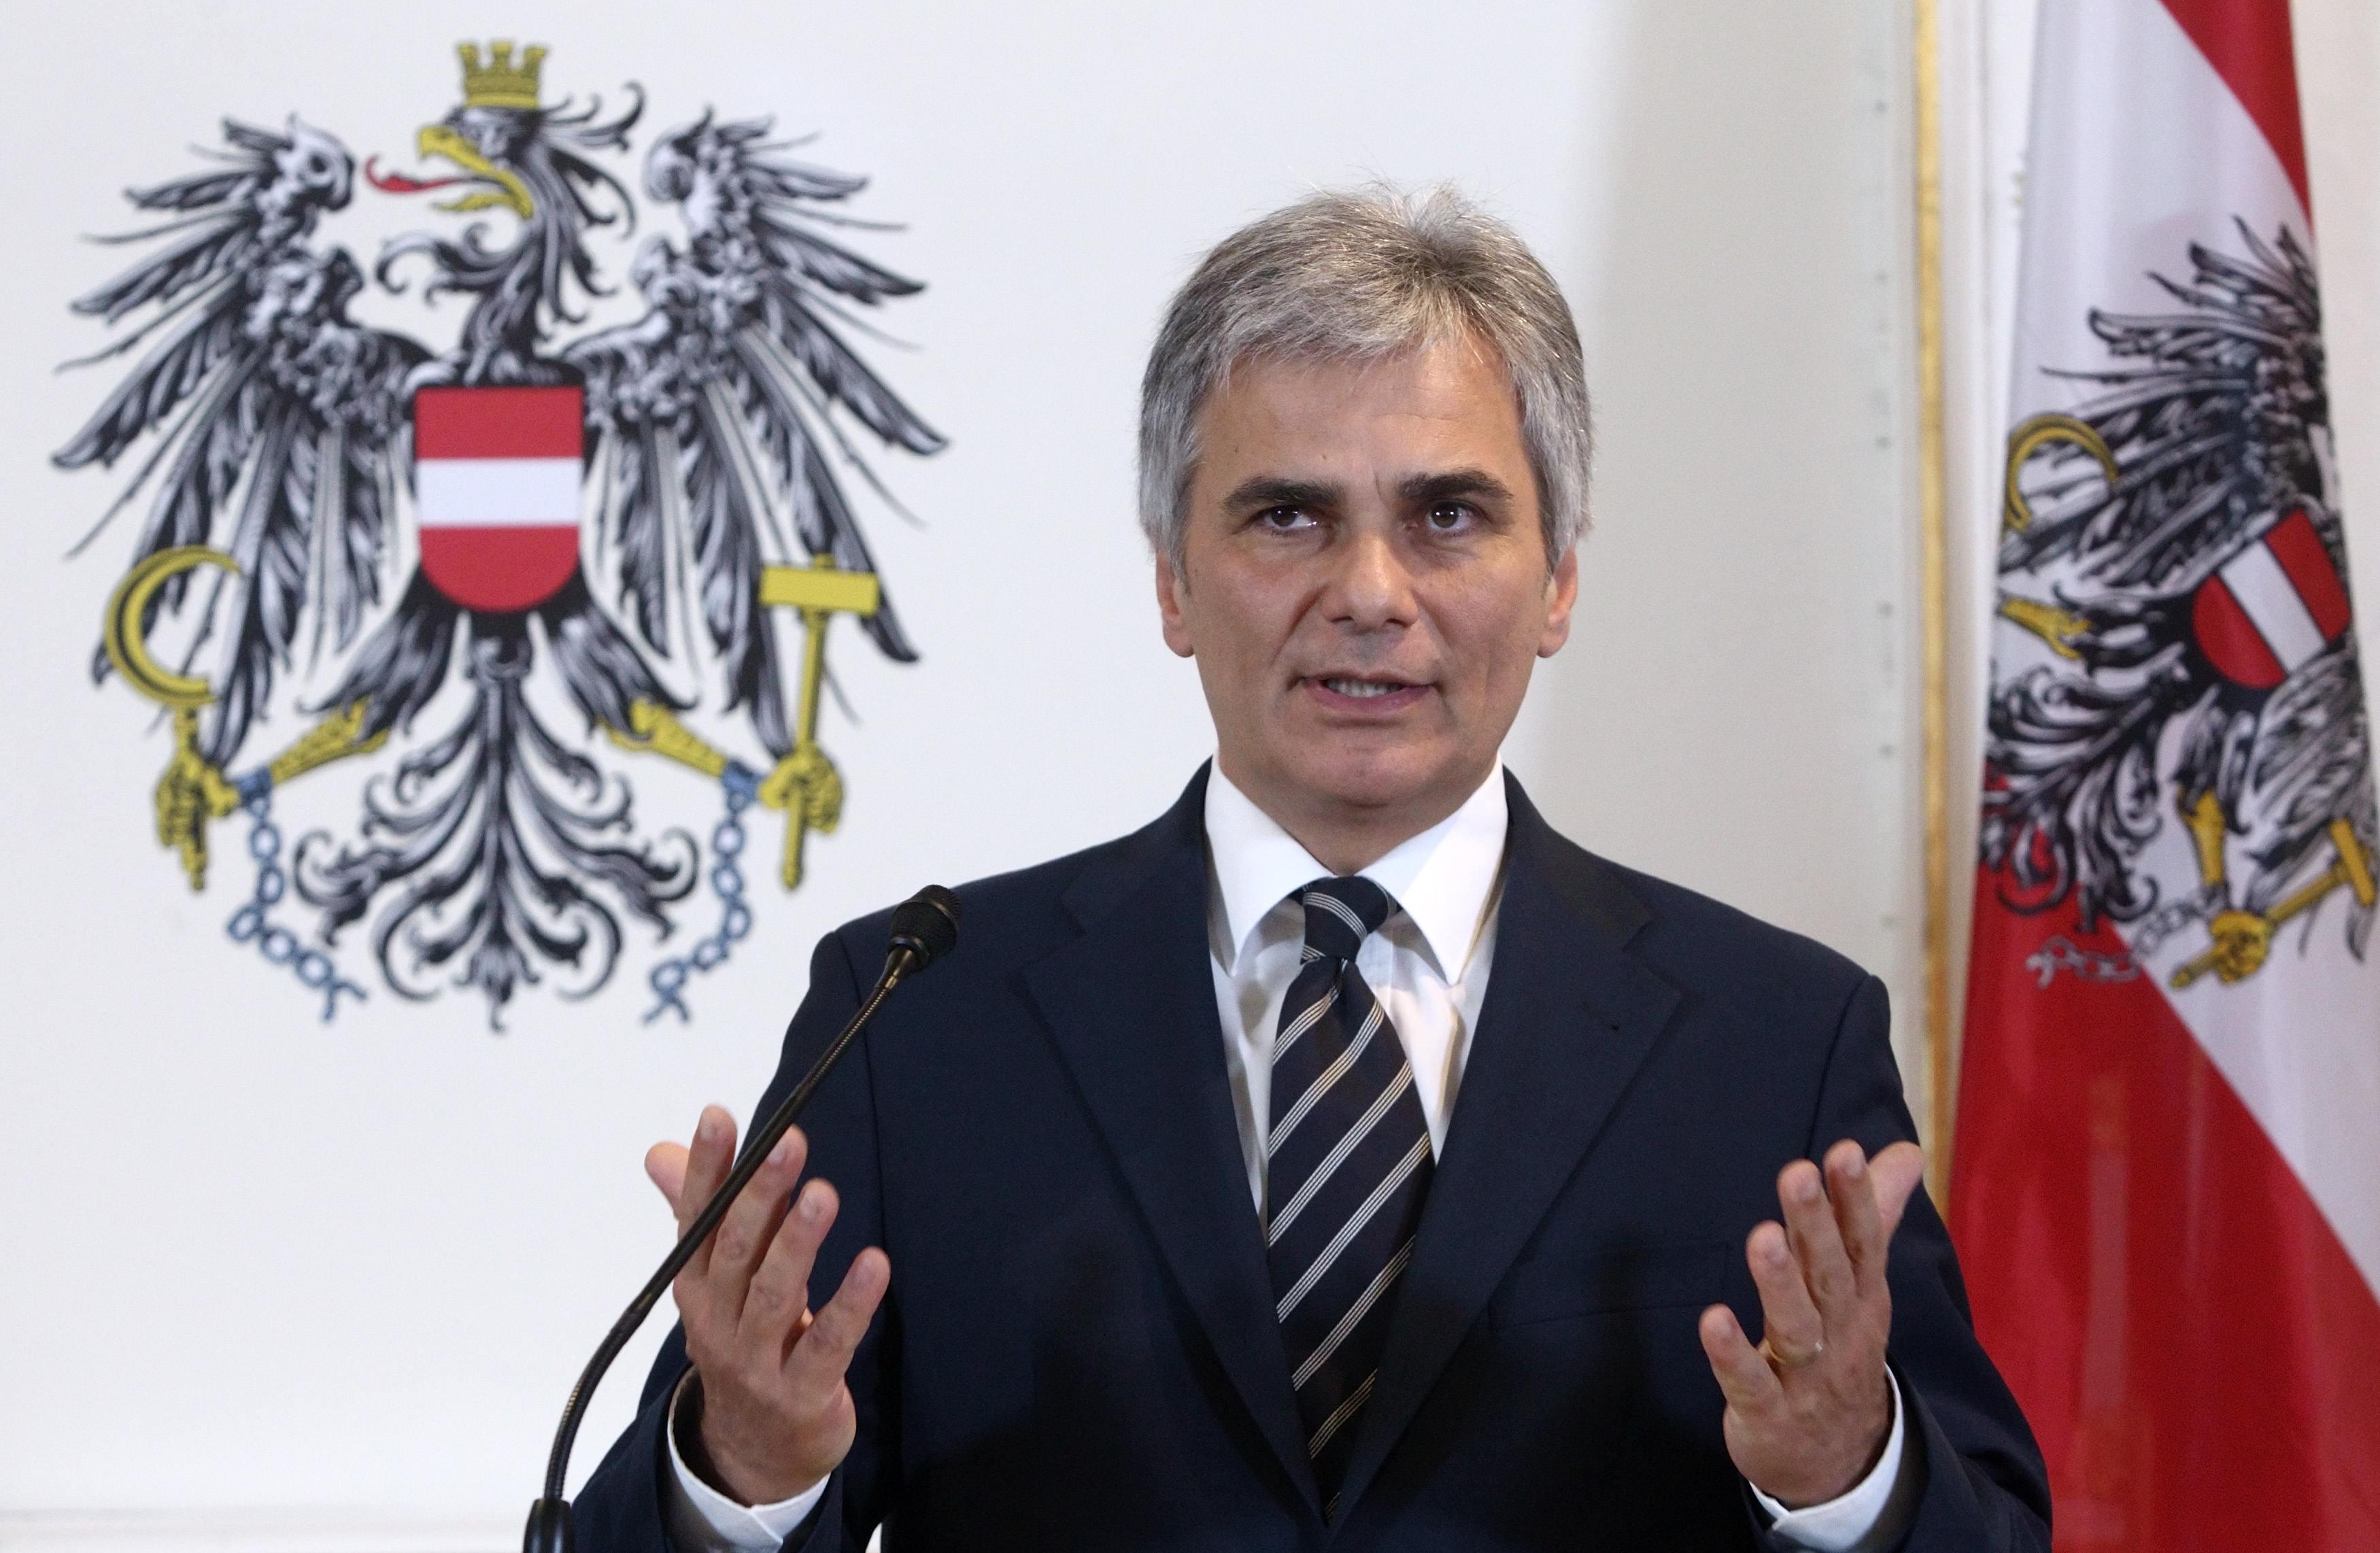 «Τσαρλατάνοι όσοι ζητούν έξοδο της Ελλάδας» δήλωσε ο Βέρνερ Φάιμαν | tovima.gr